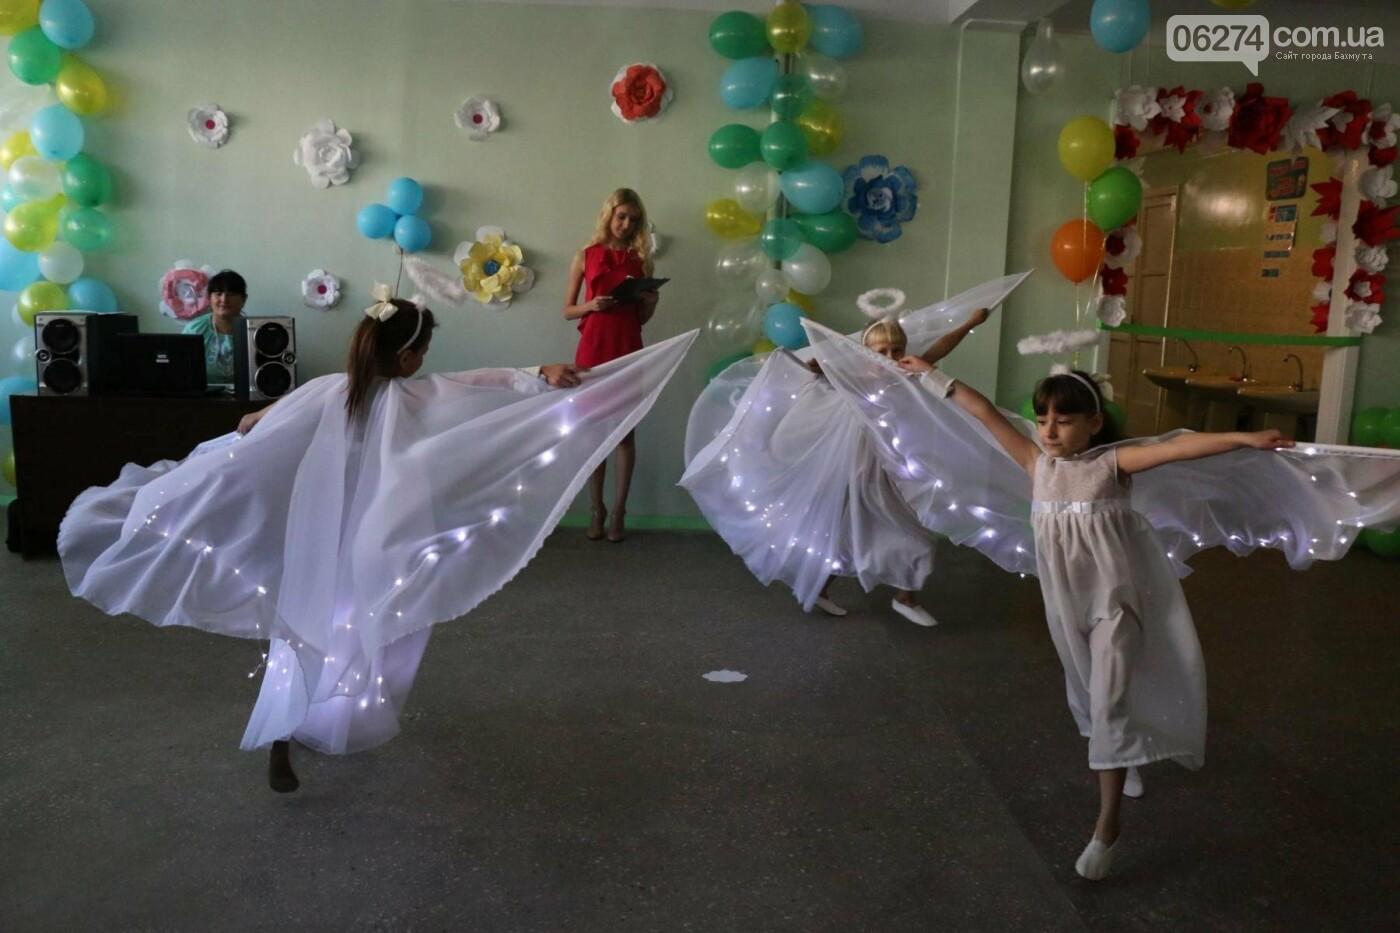 В Бахмуте открыт Инклюзивно-ресурсный центр для детей с особыми потребностями, фото-1